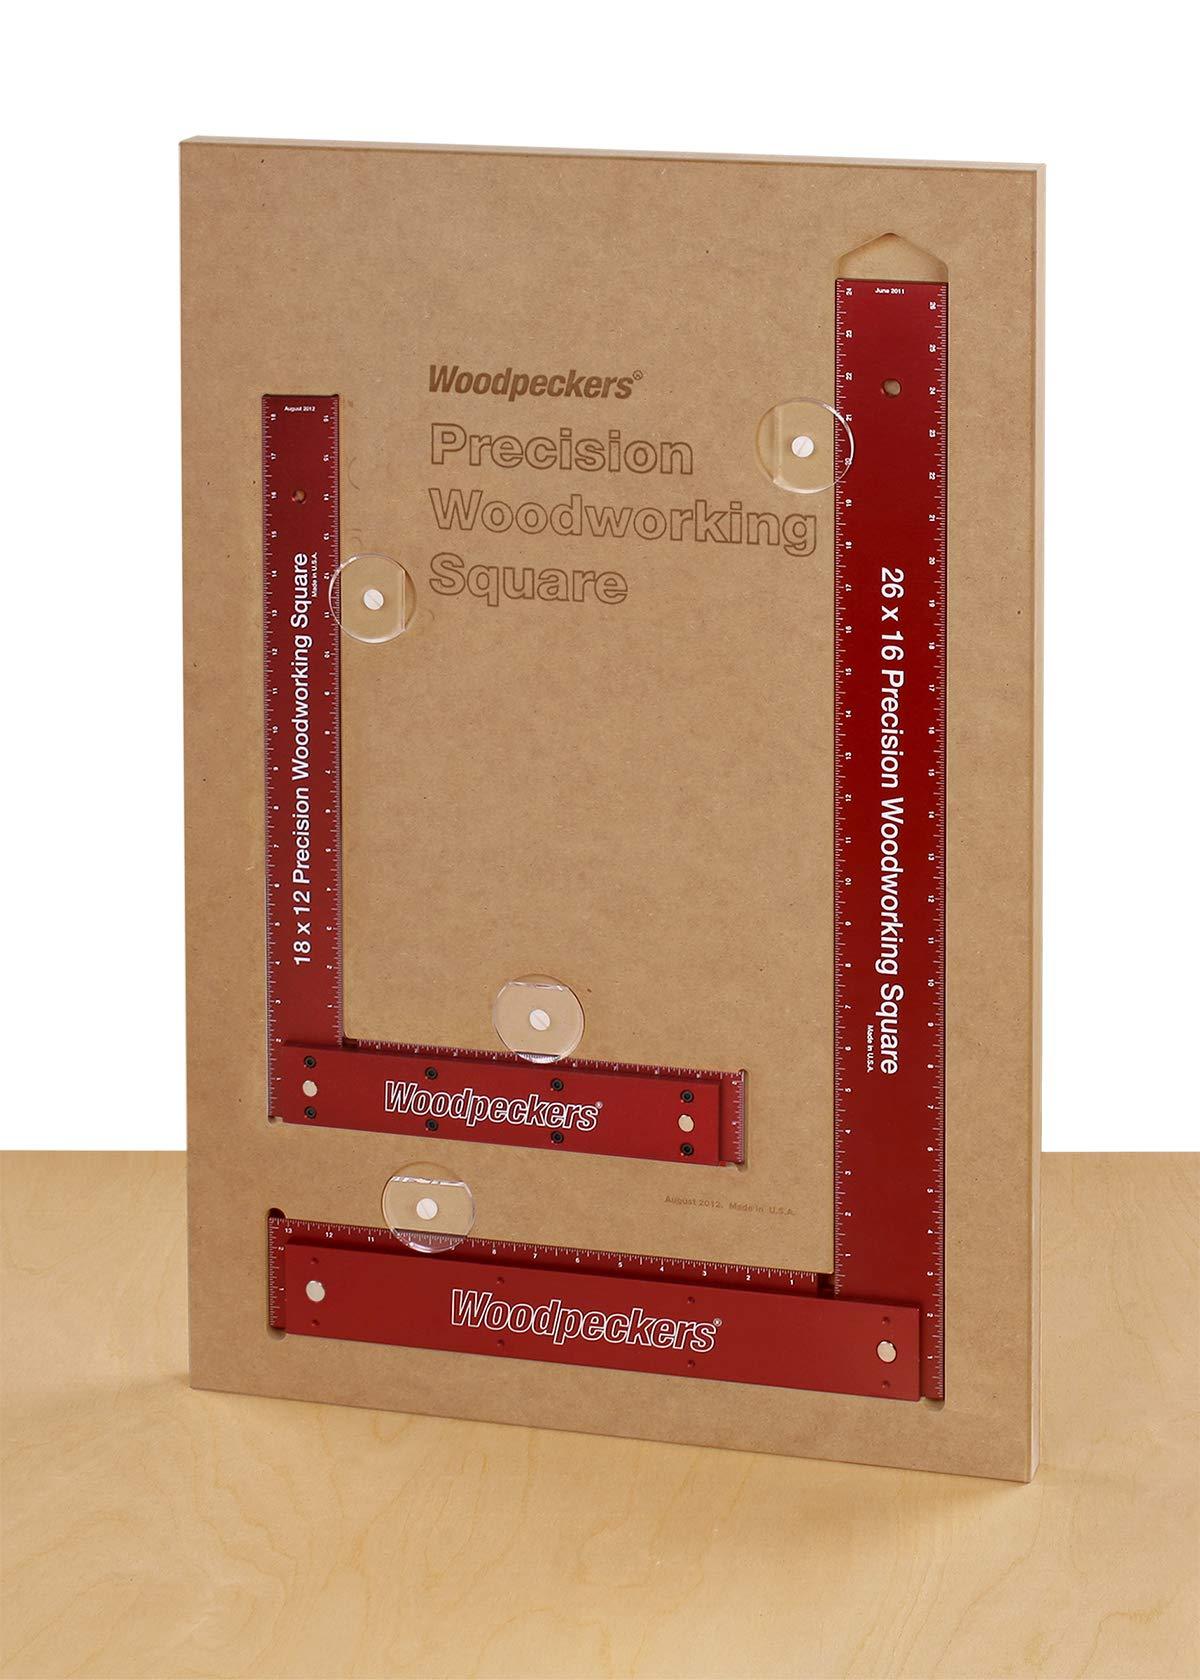 Woodpeckers Precision Square 18x12